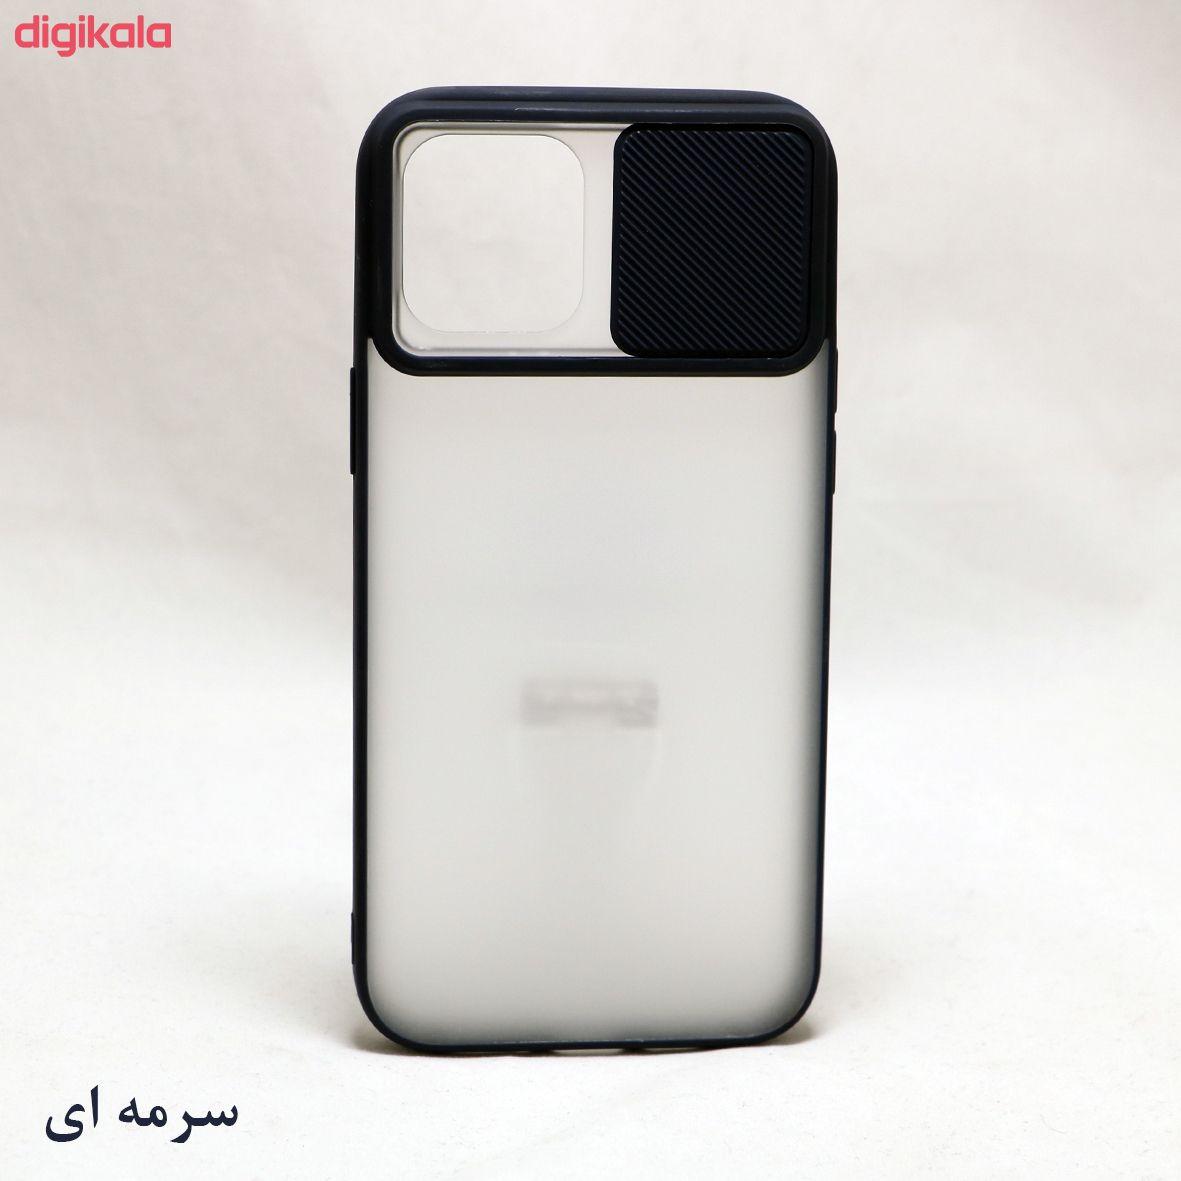 کاور مدل LNZ01 مناسب برای گوشی موبایل اپل IPhone 12 pro max main 1 2